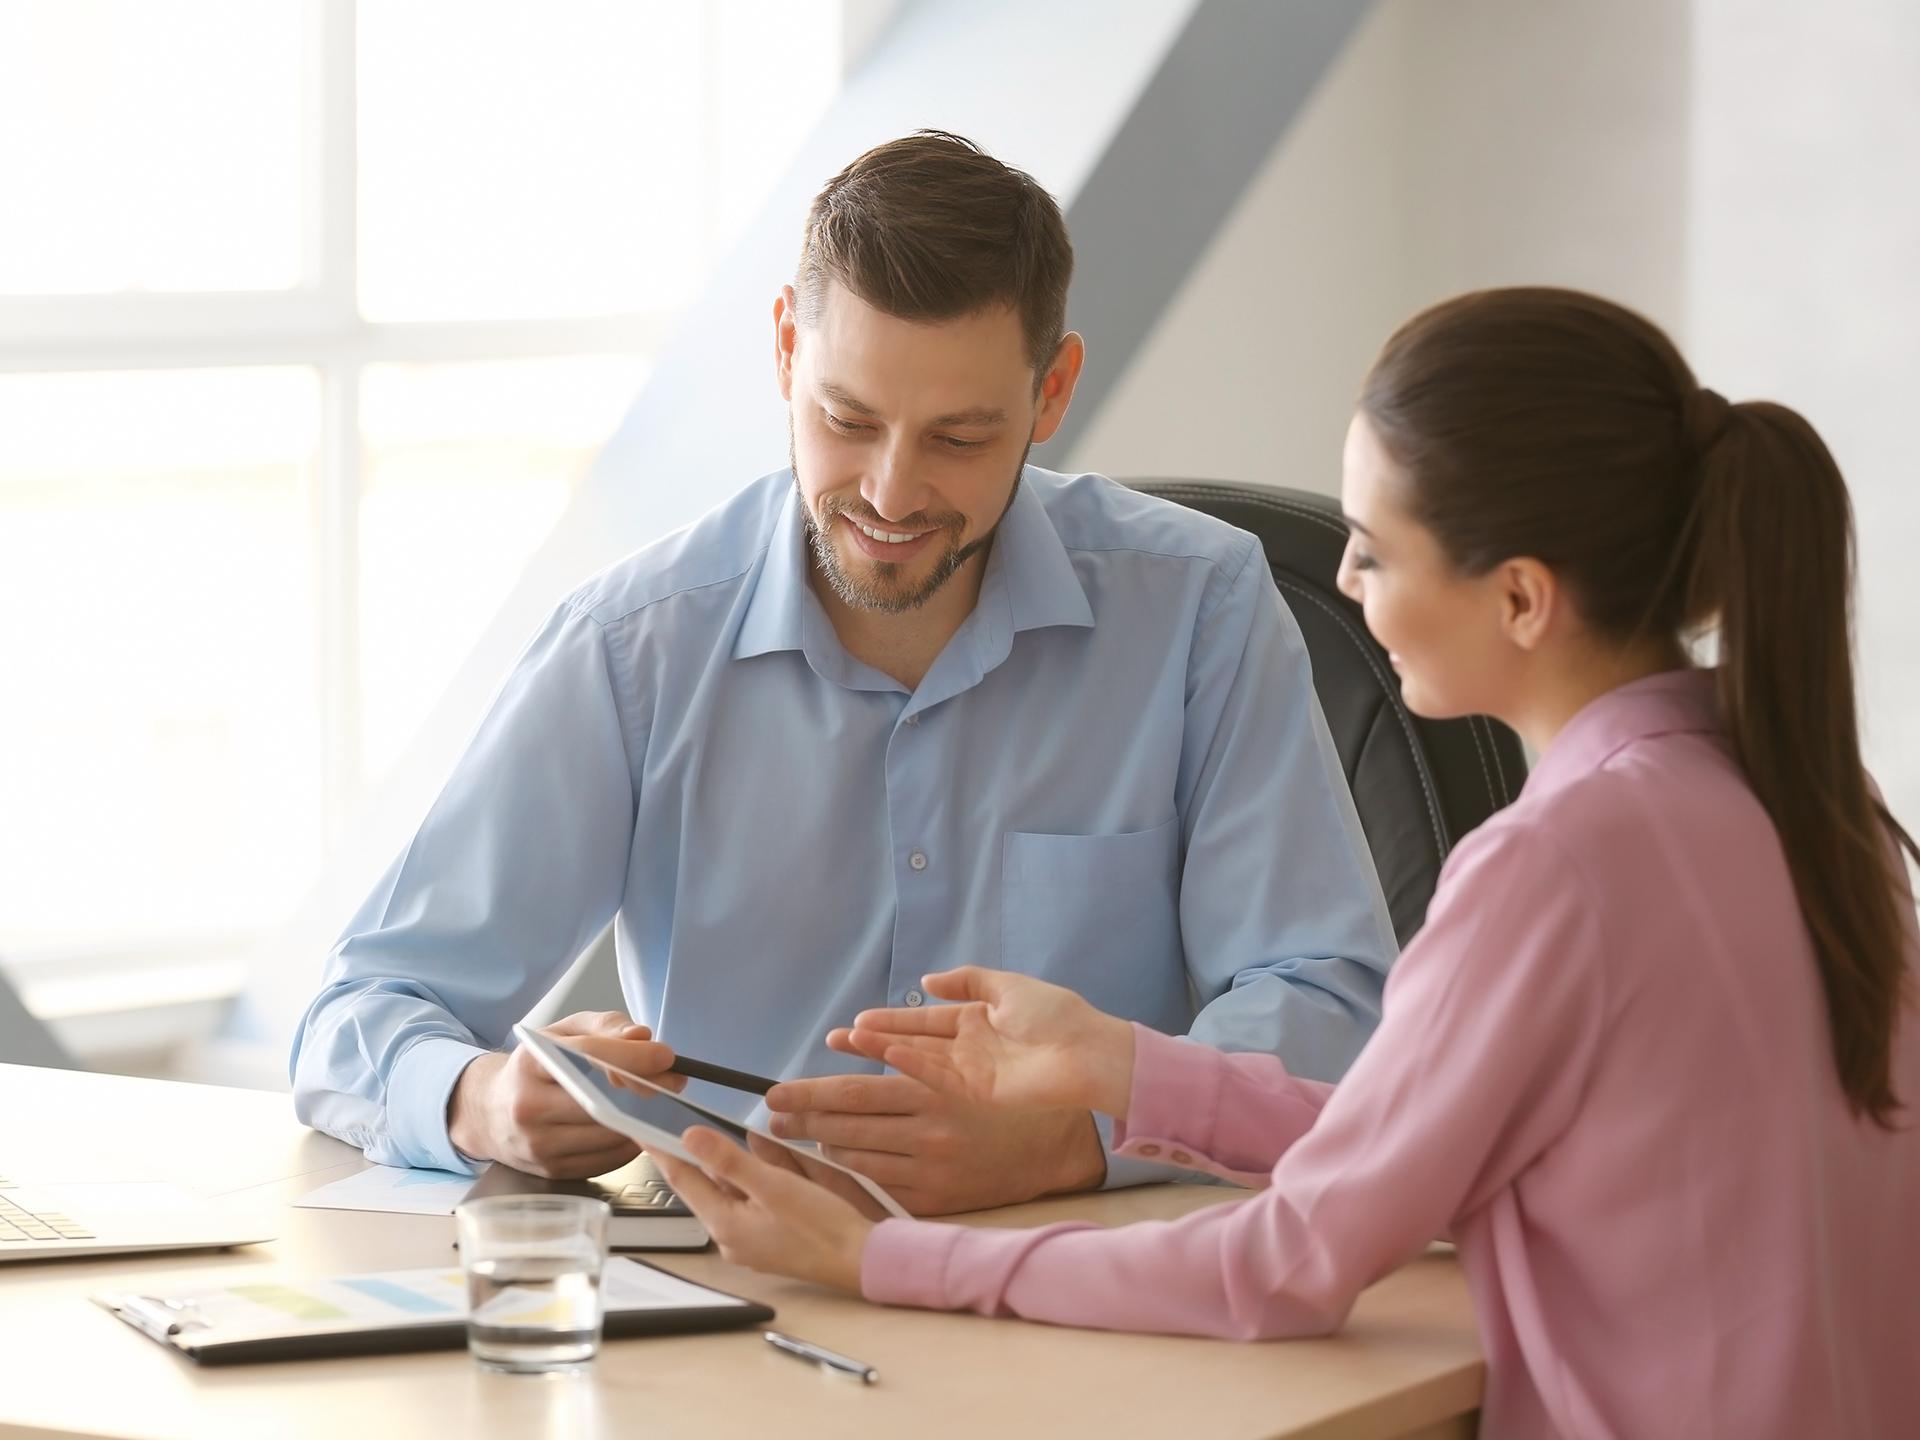 image of sales team members working